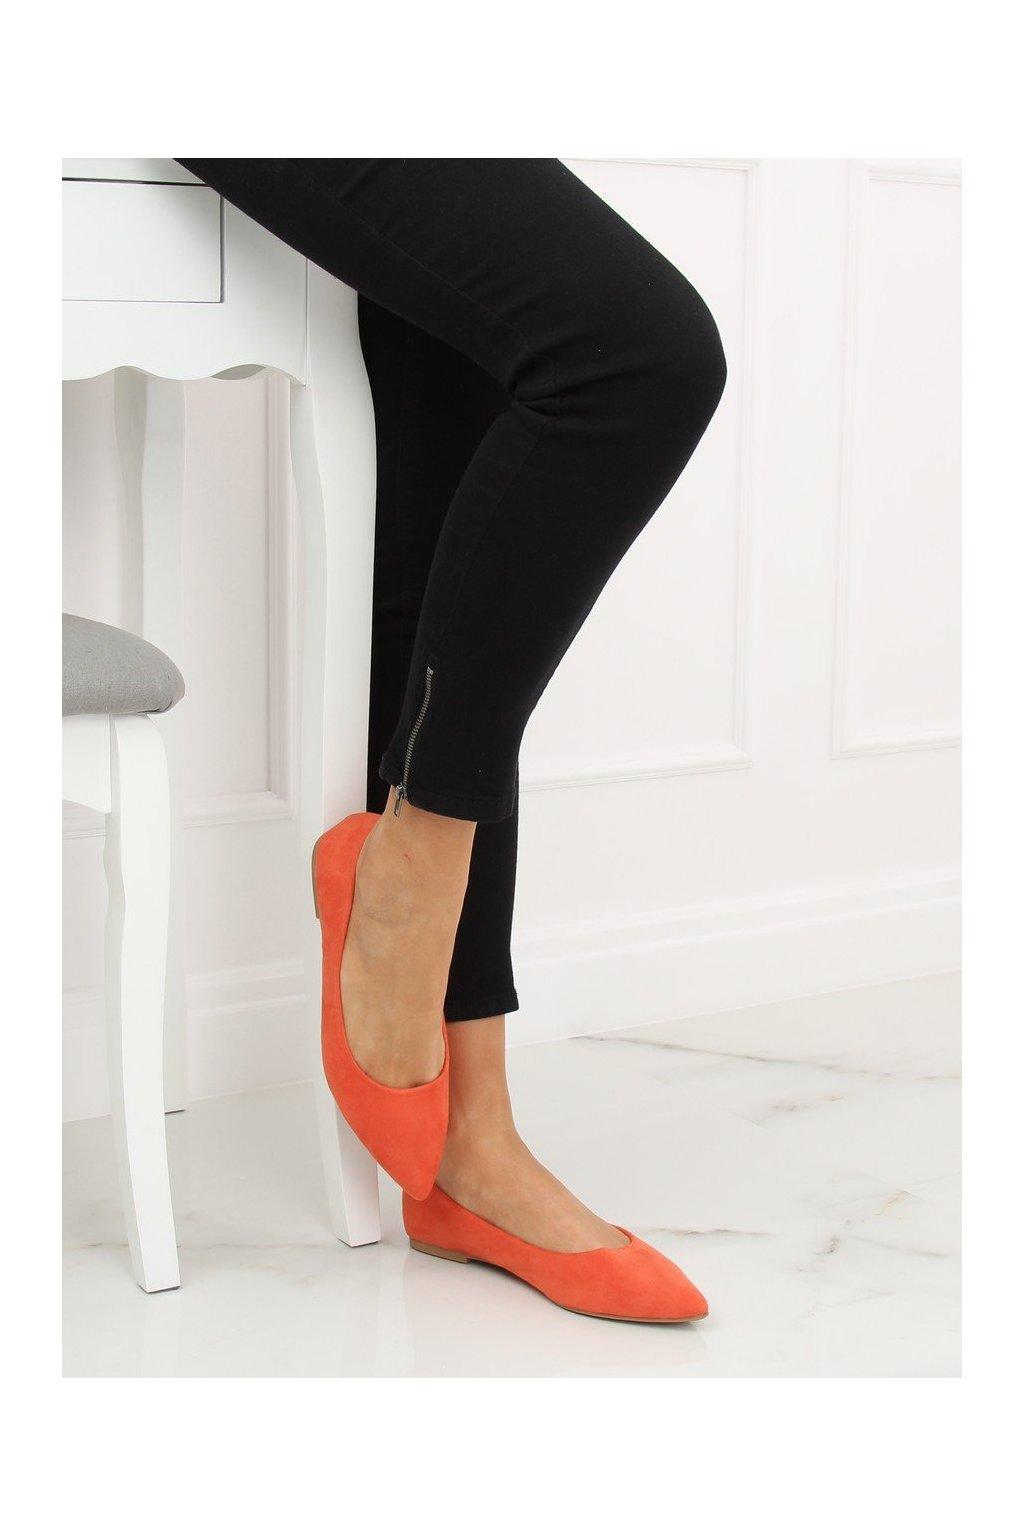 Dámske baleríny oranžové 3157-BAL